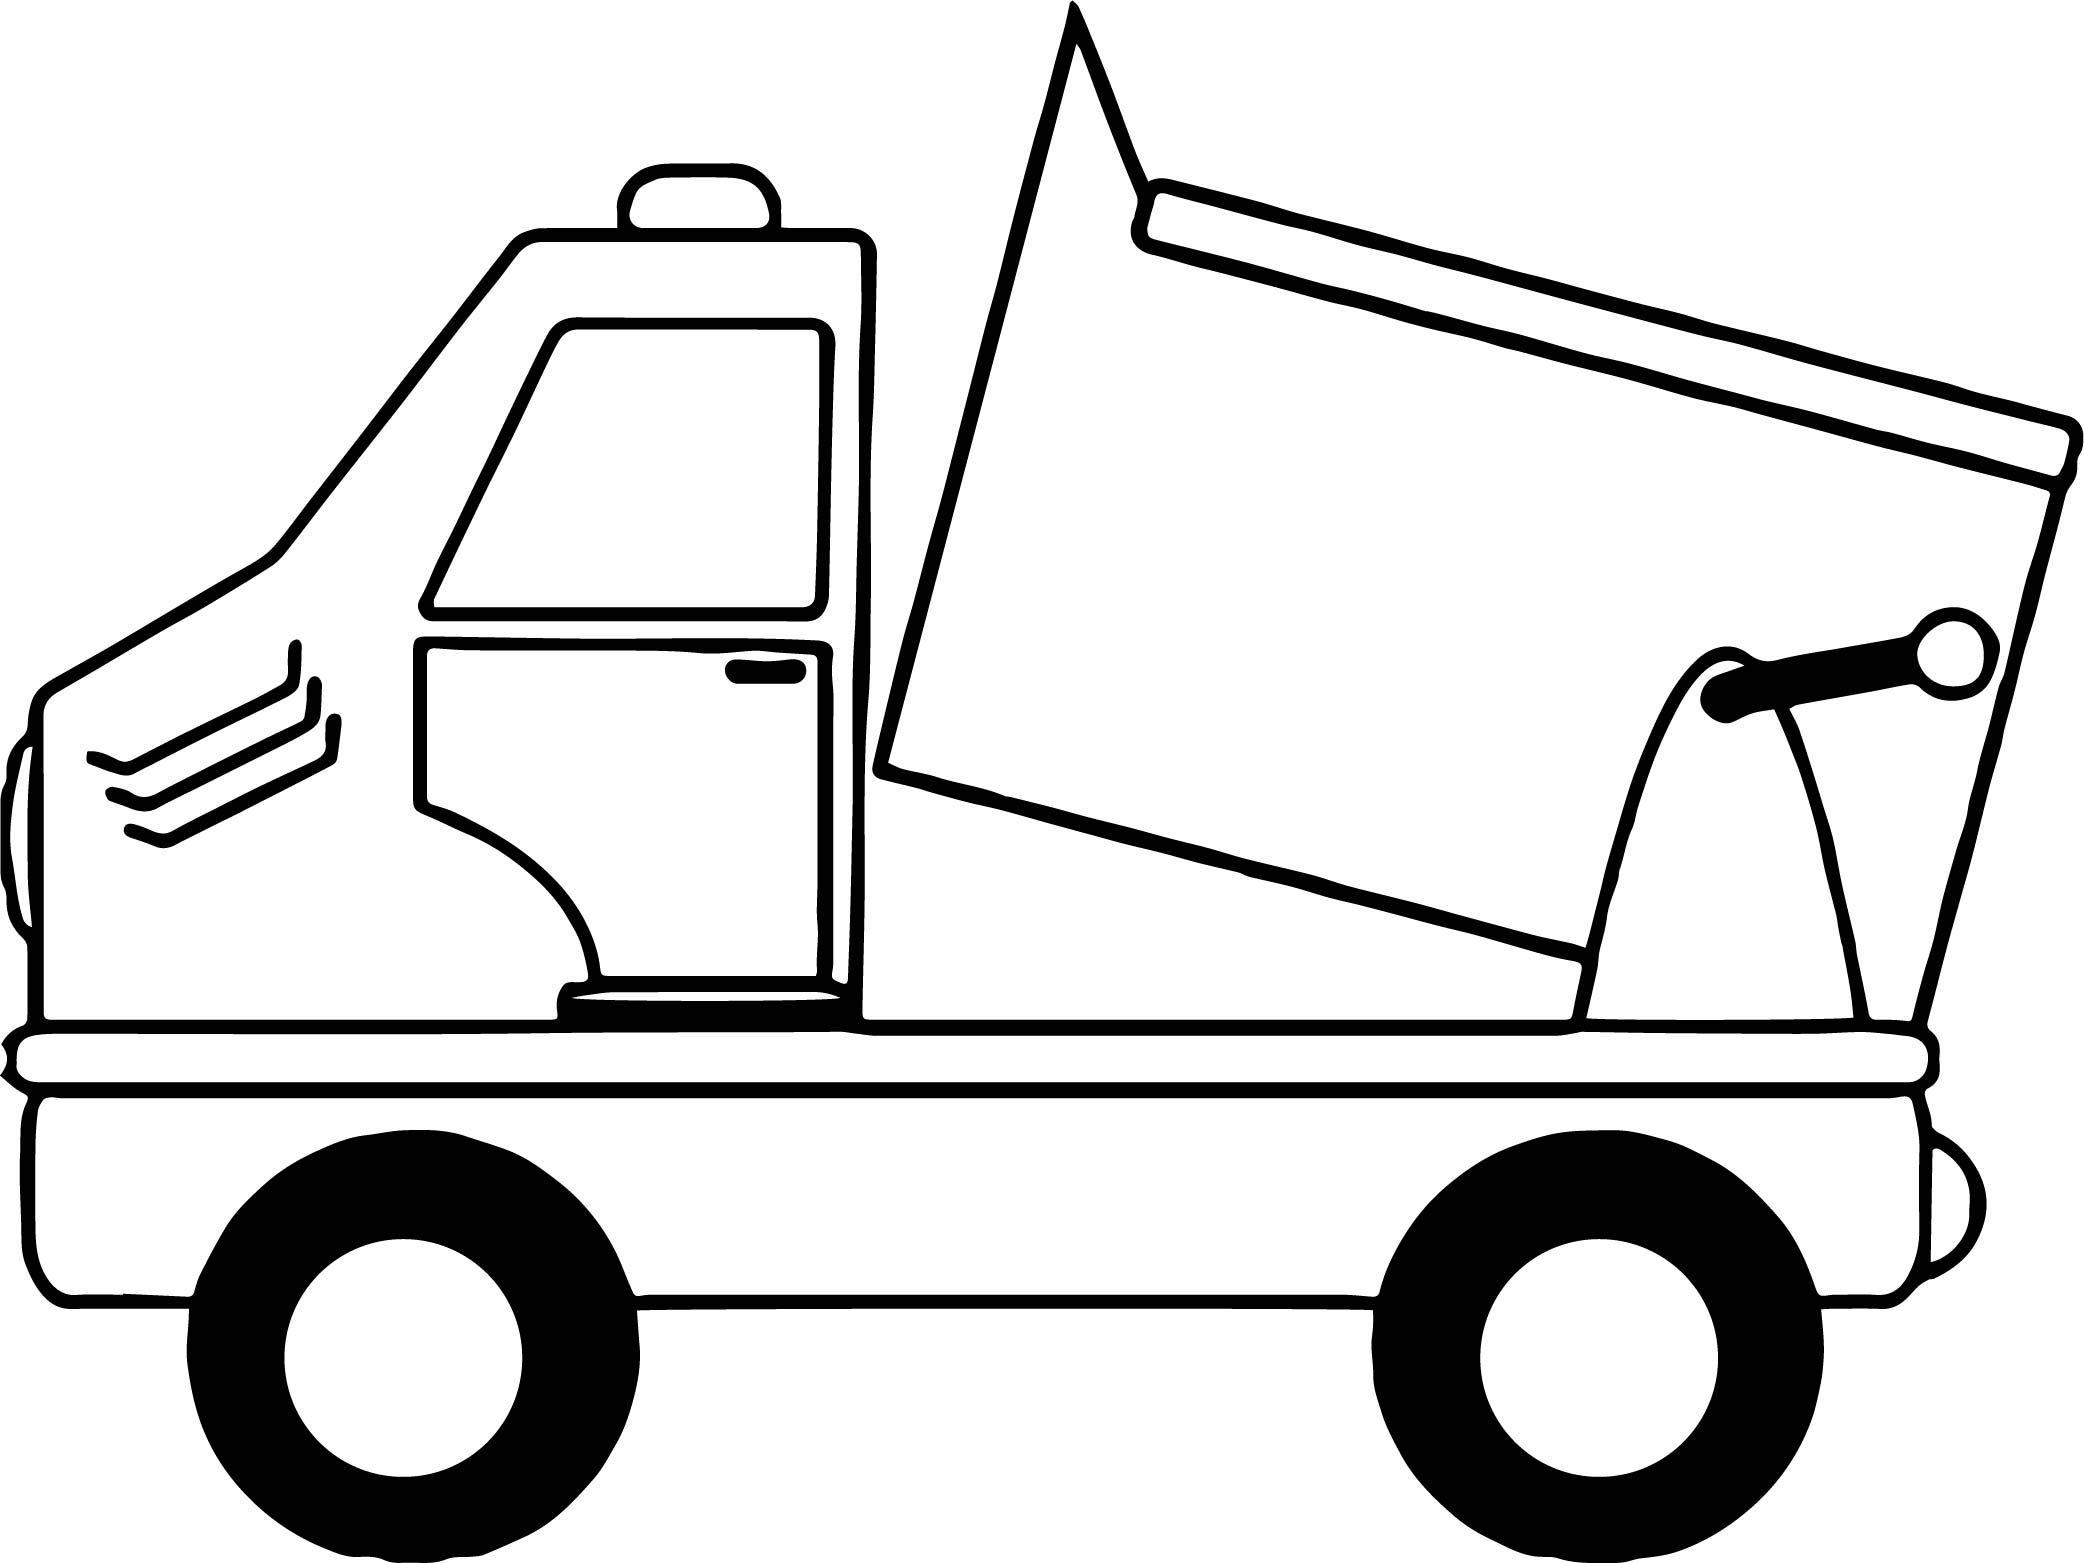 делает грузовик картинка простая ограничение будет